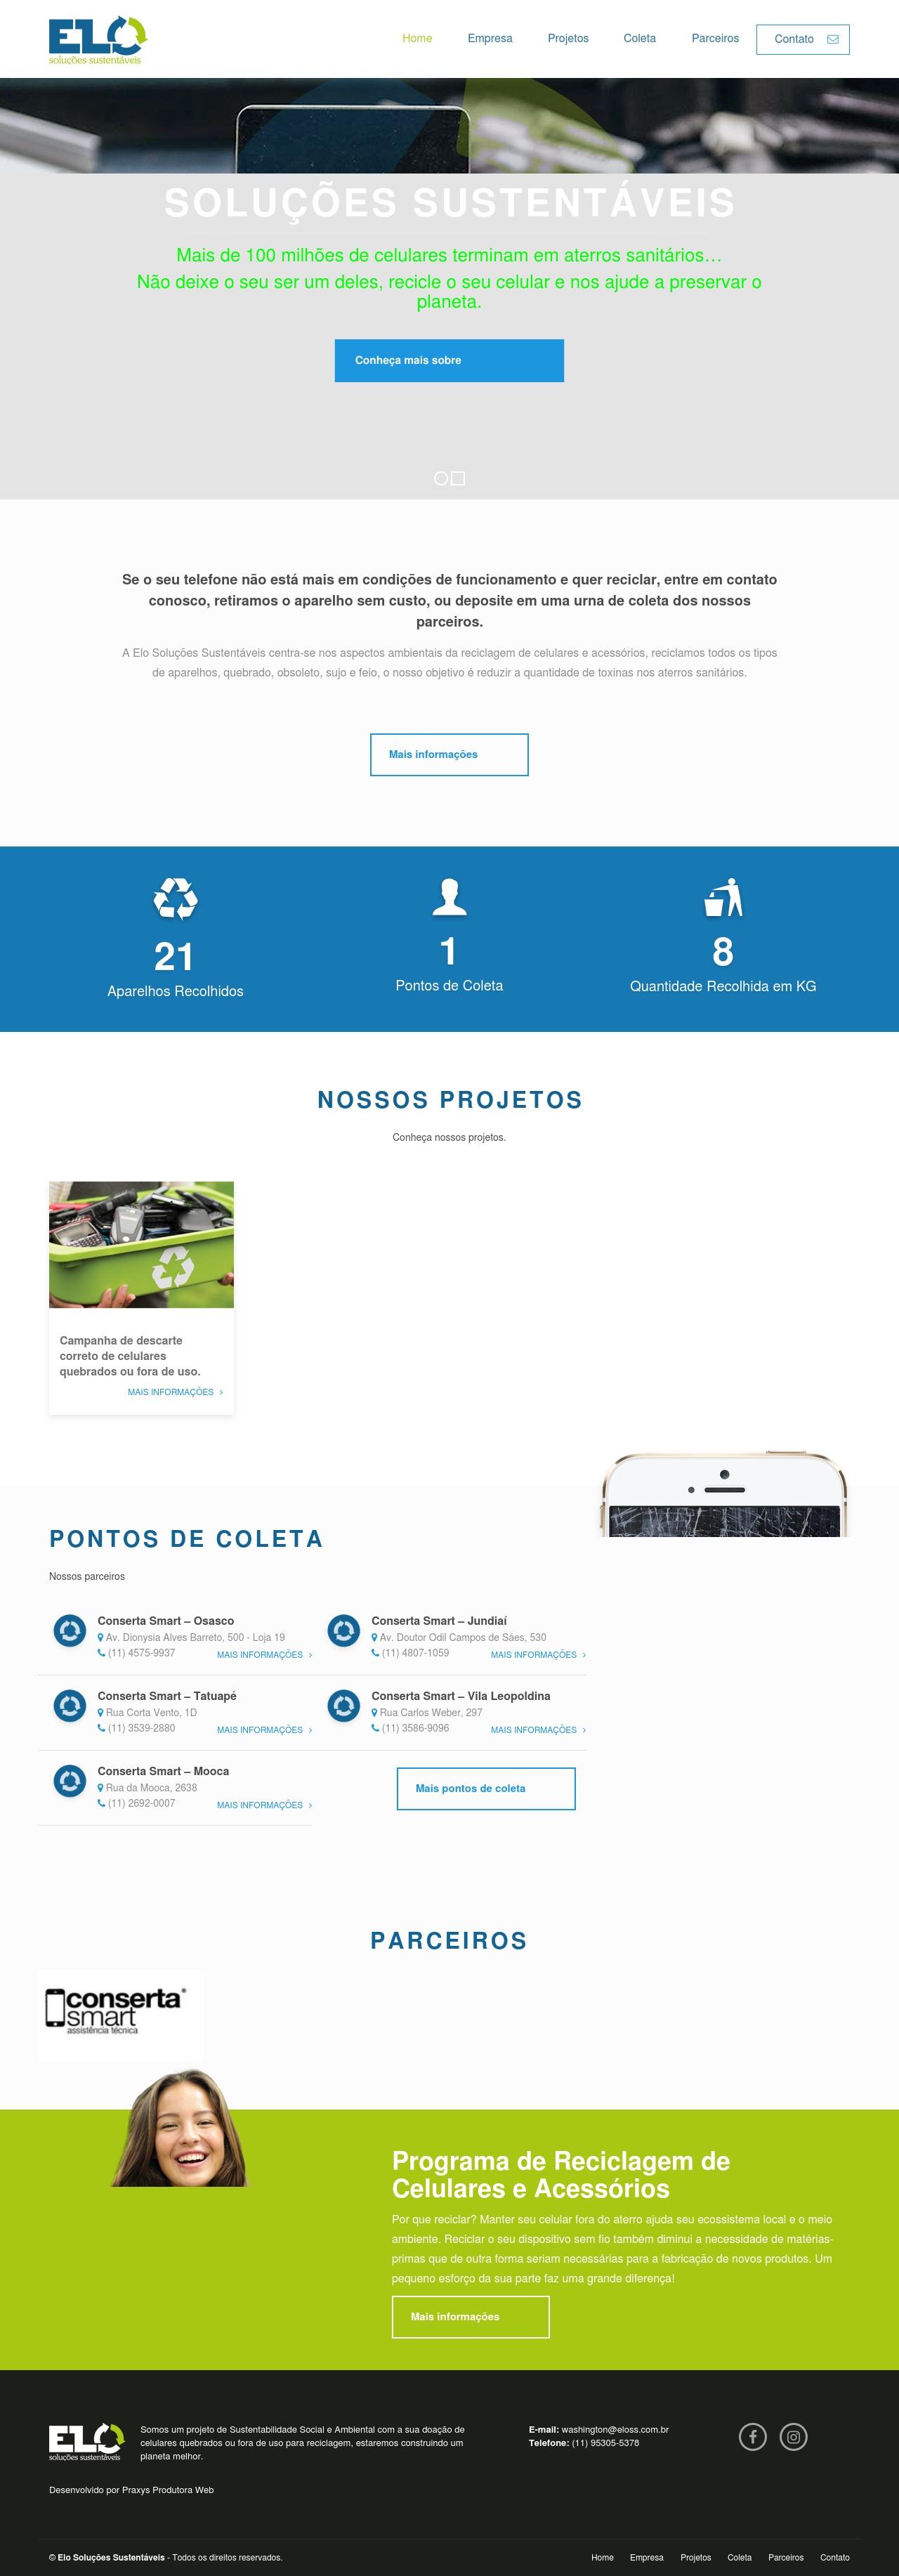 Imagem do projeto Eloss